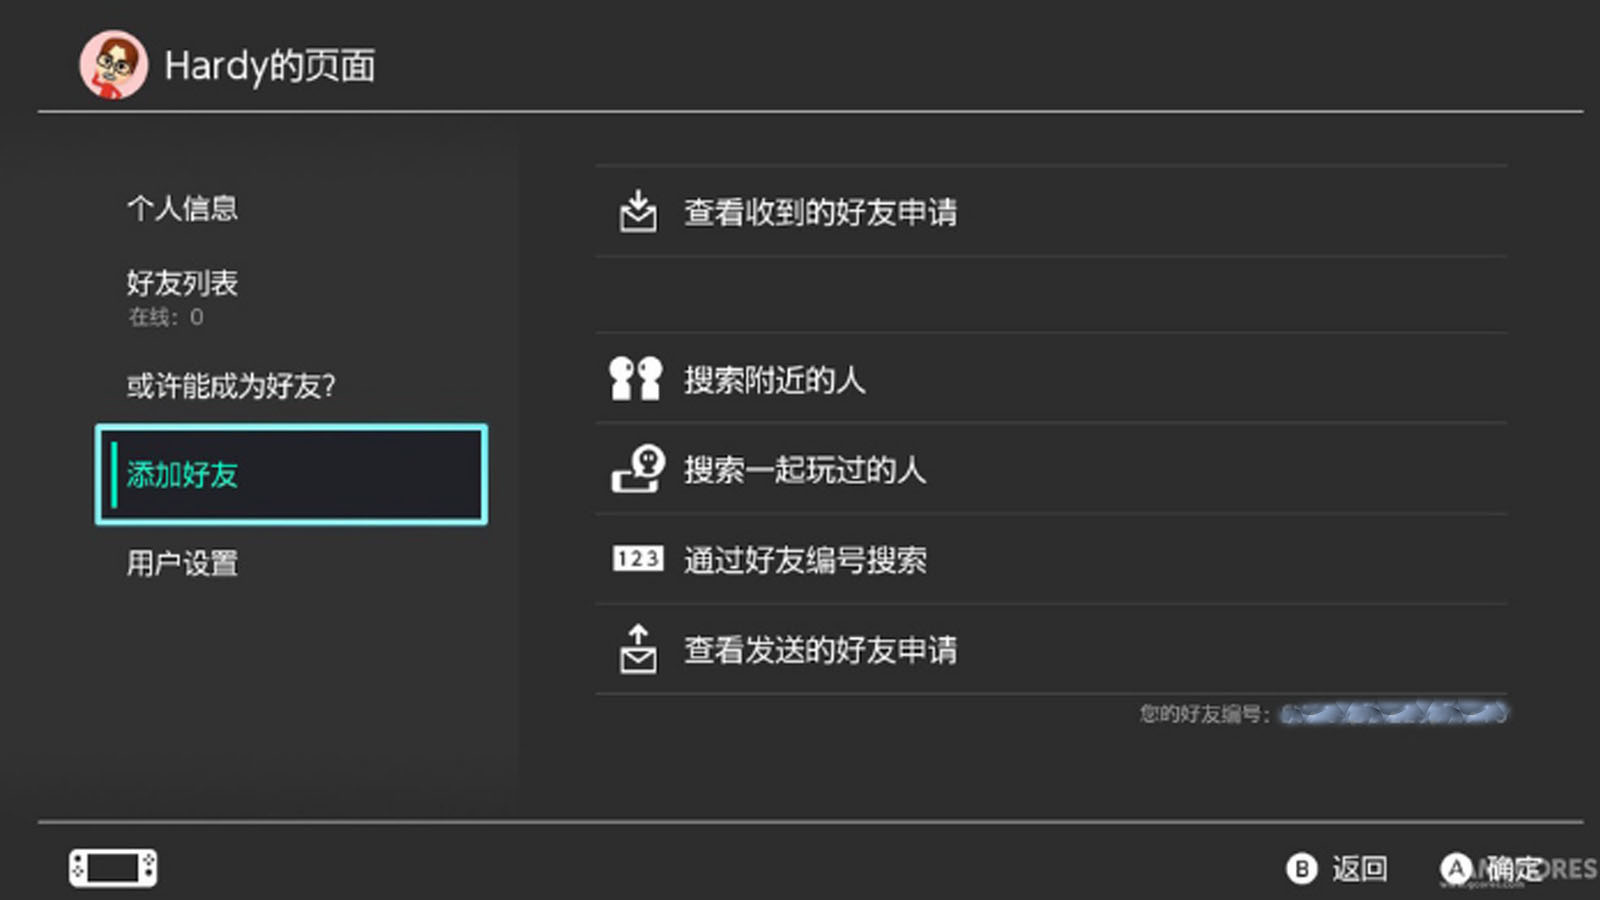 NS系統更新7.0.0系統,追加中文系統界面!